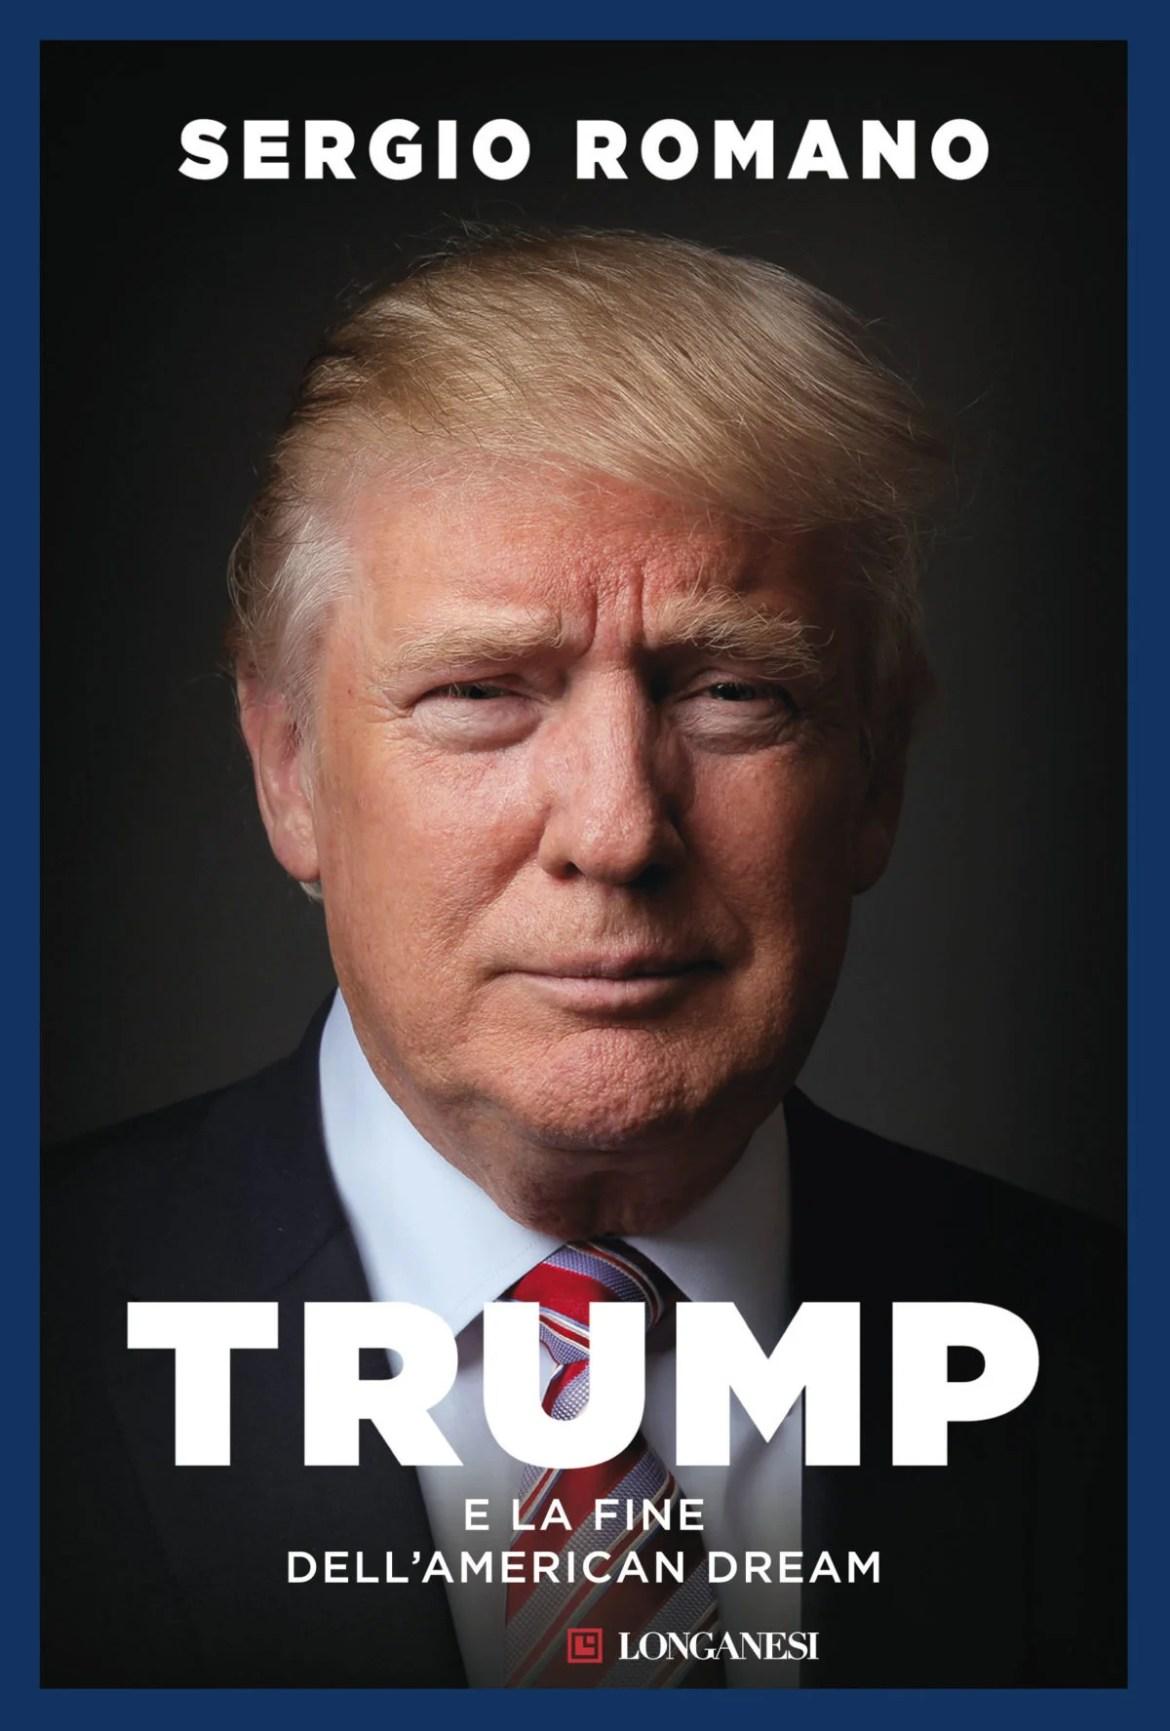 Recensione di Trump – Sergio Romano